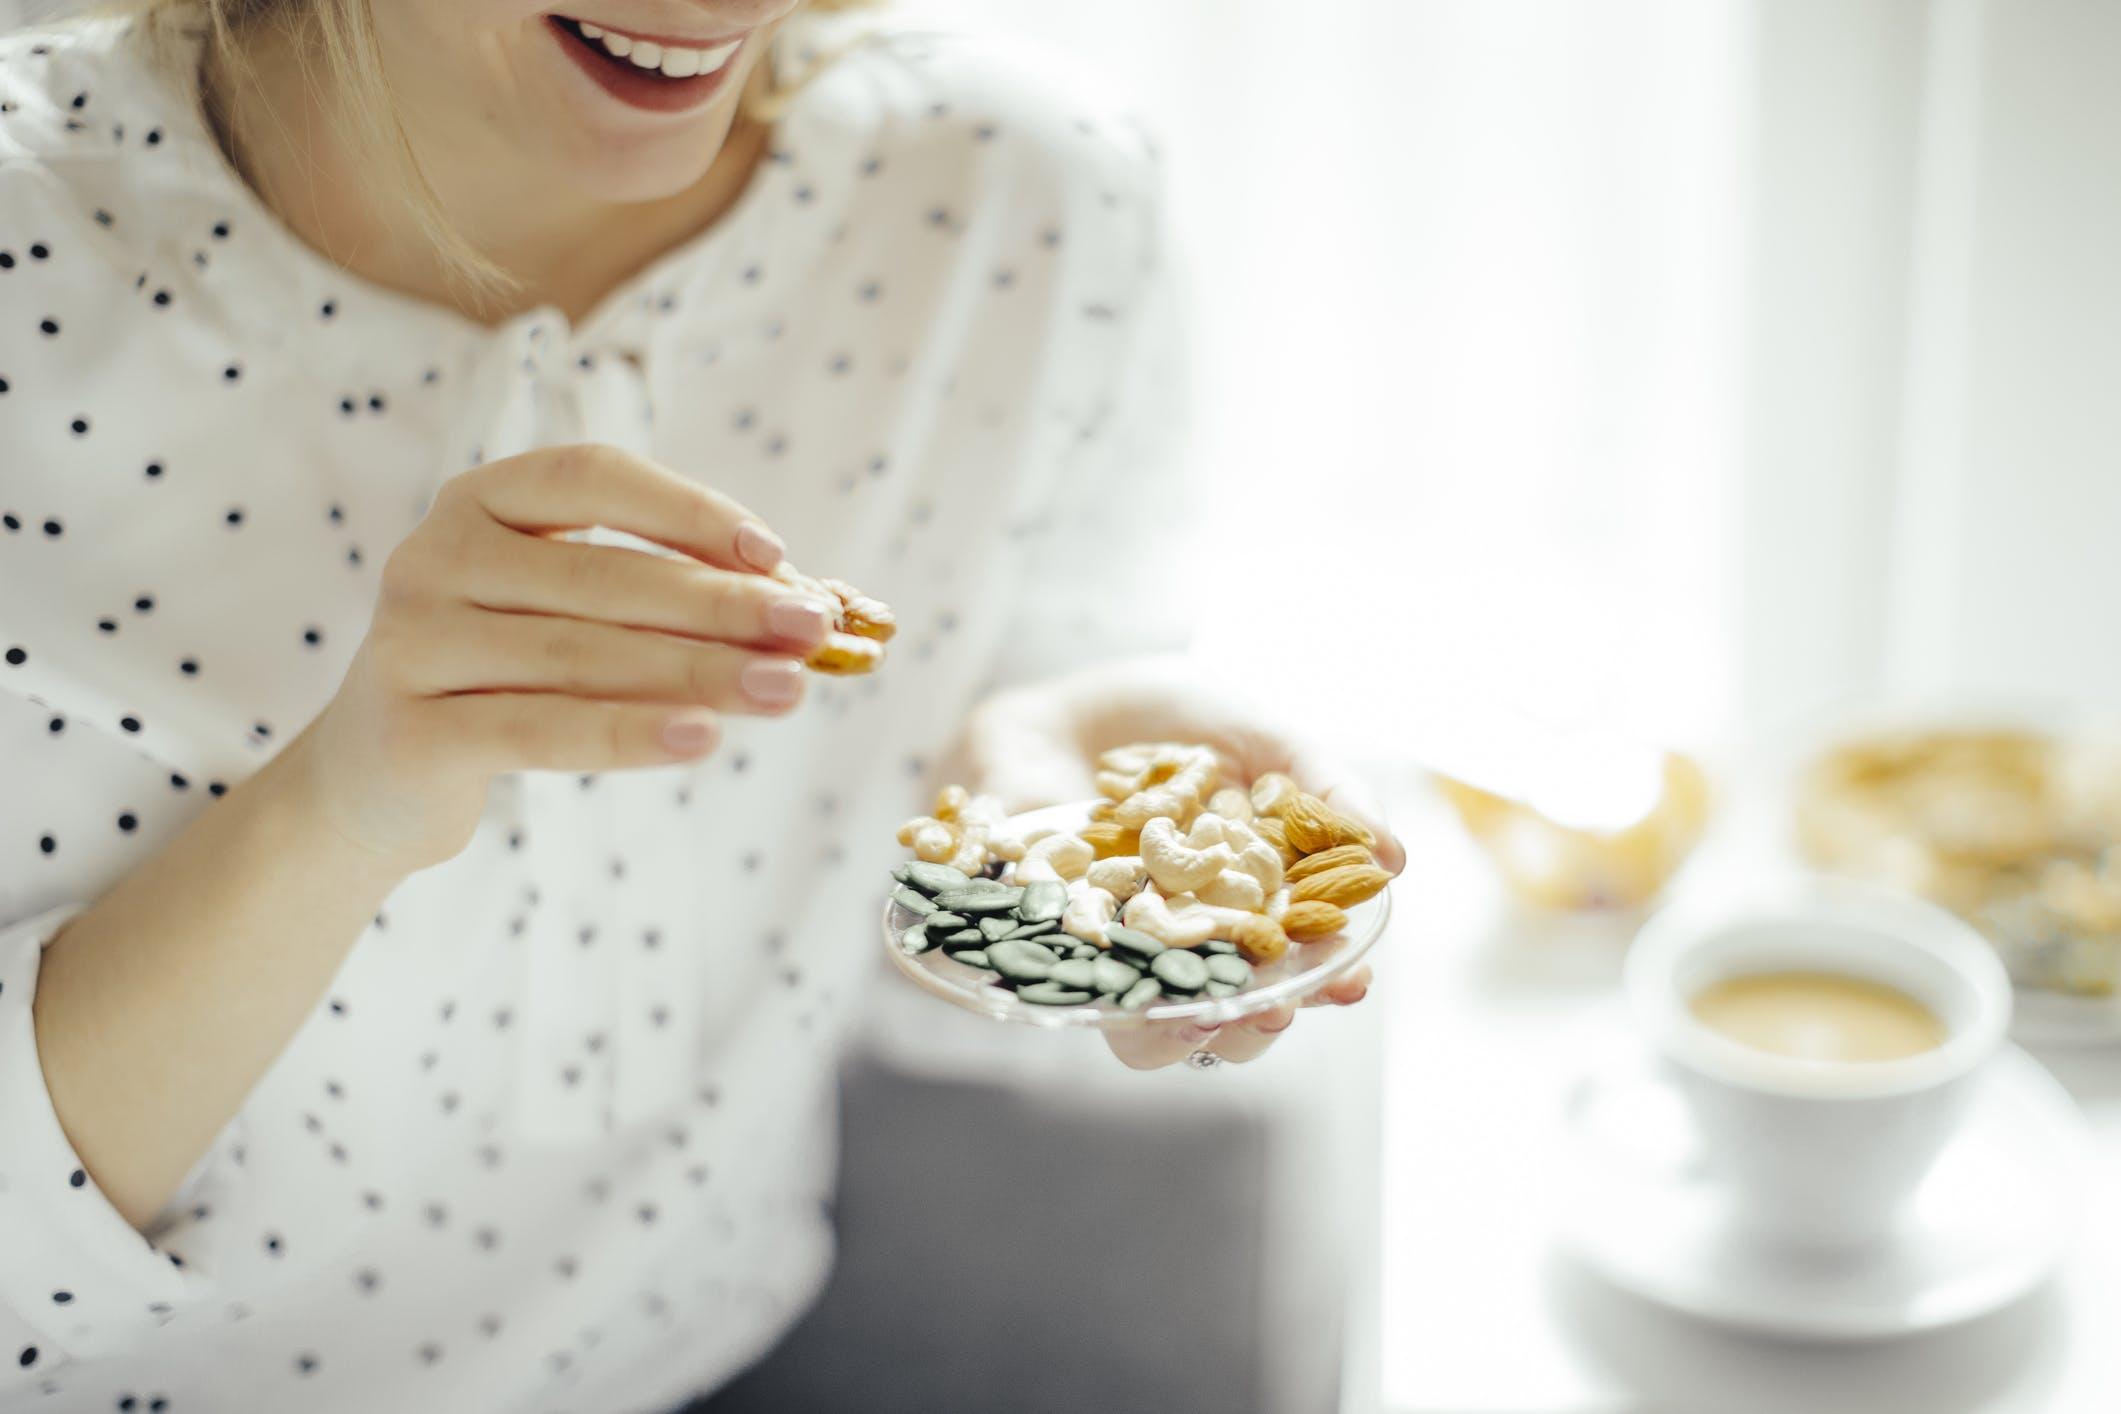 #2 tips för att gå ner i vikt: Ät bara när du är hungrig